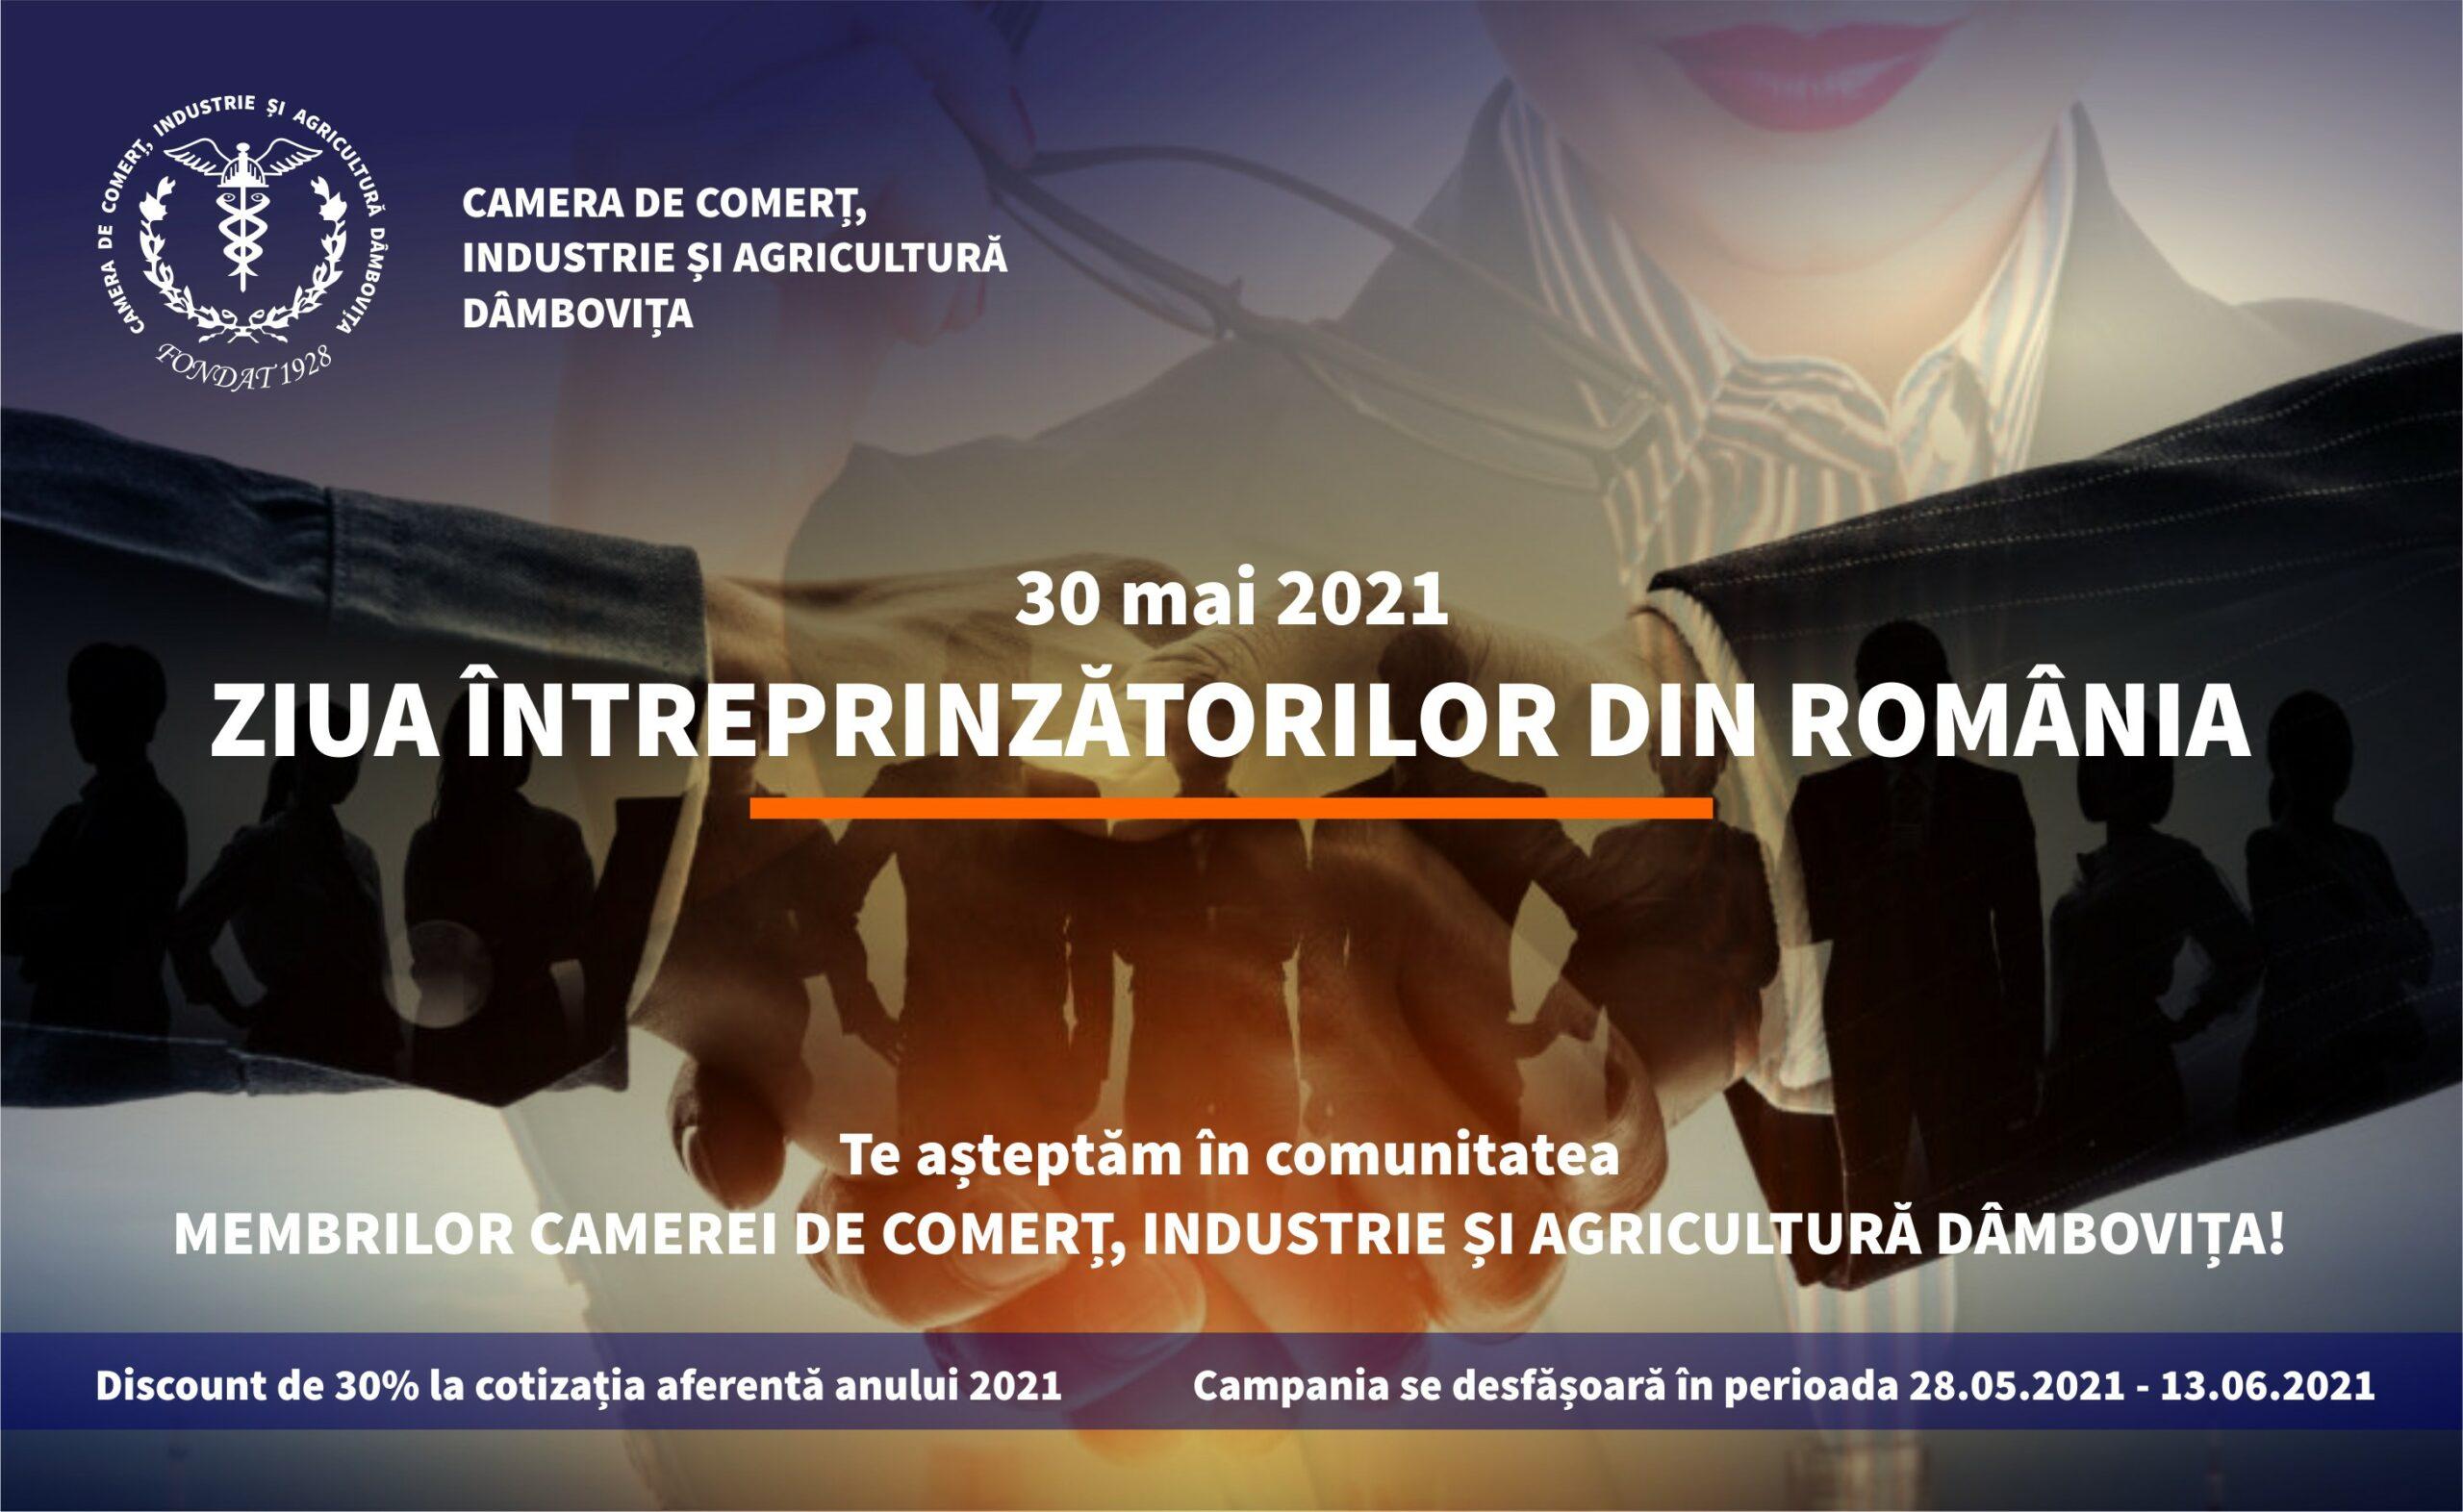 ZIUA ÎNTREPRINZĂTORILOR DIN ROMÂNIA